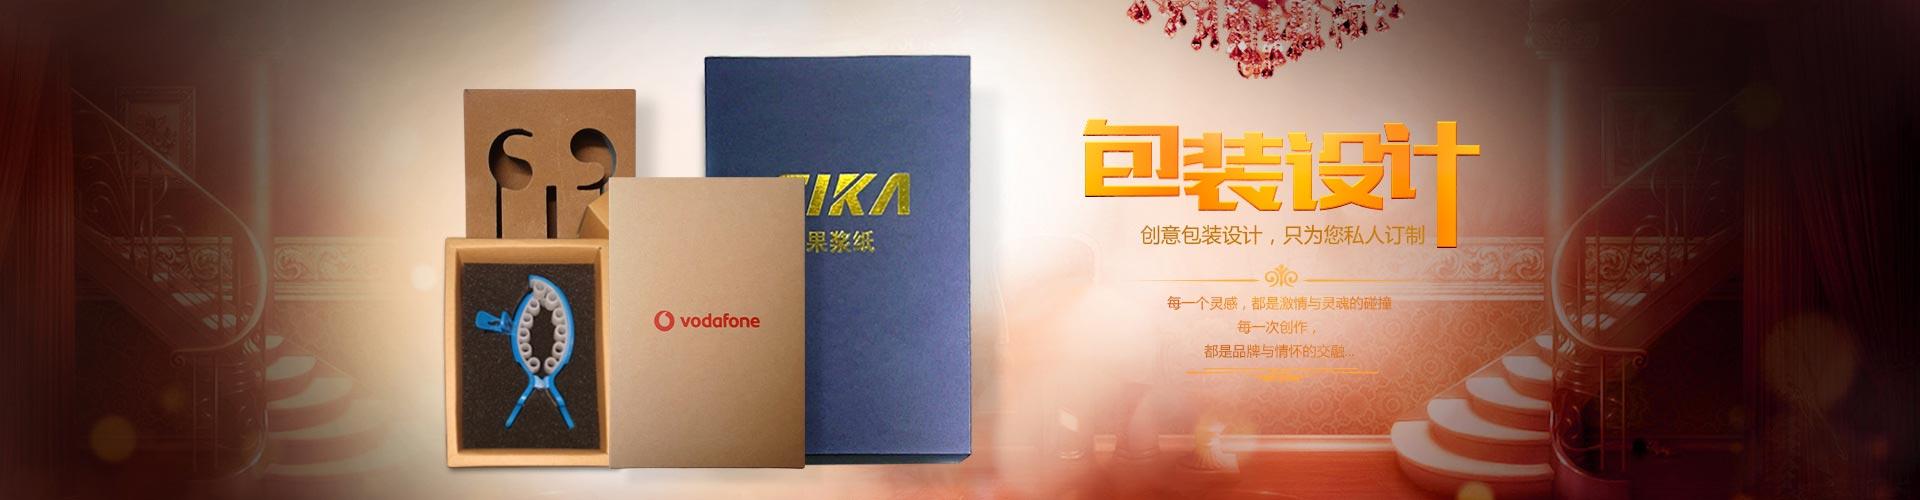 千赢国际pt游戏老虎机_qy88千赢国际唯一官网_千赢娱乐手机登录